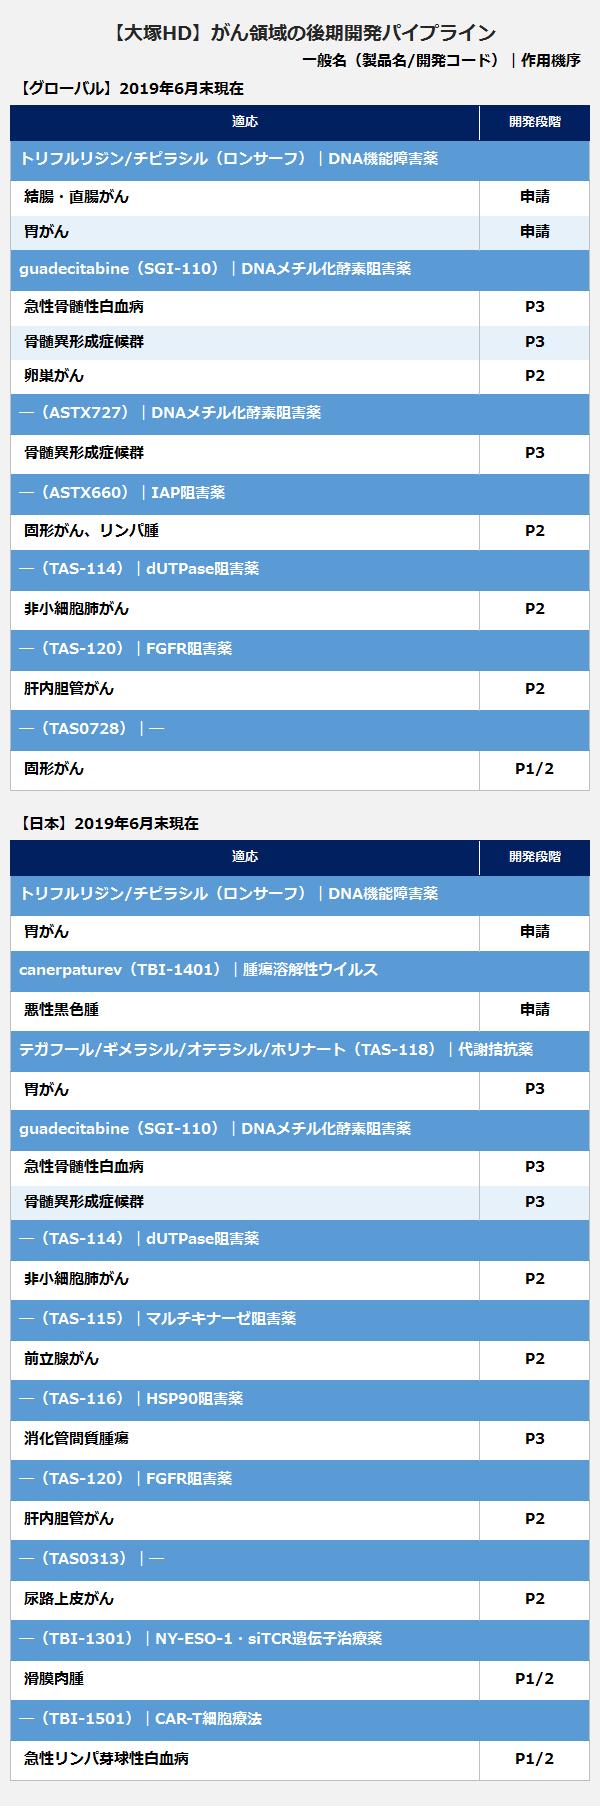 【大塚ホールディングス】がん領域の後期開発パイプライン